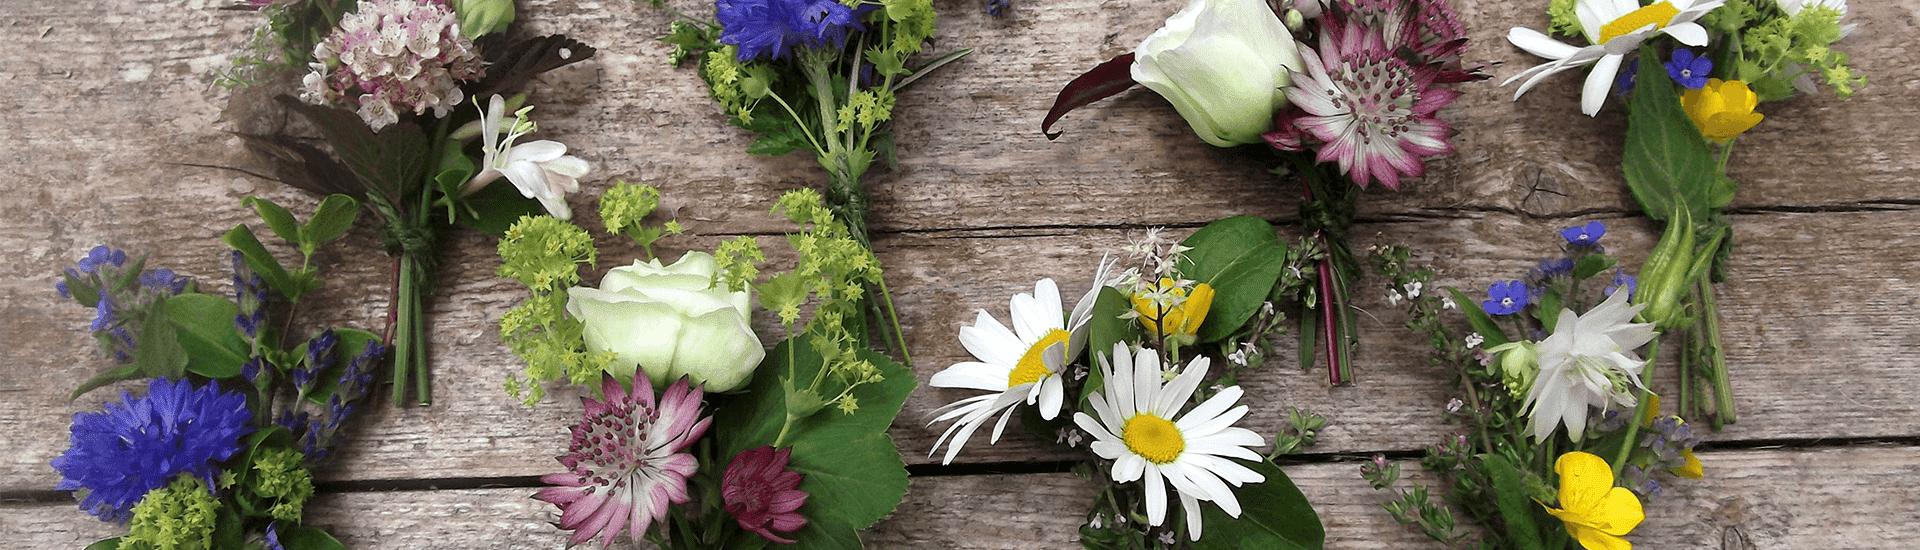 Подарочные композиции из цветов